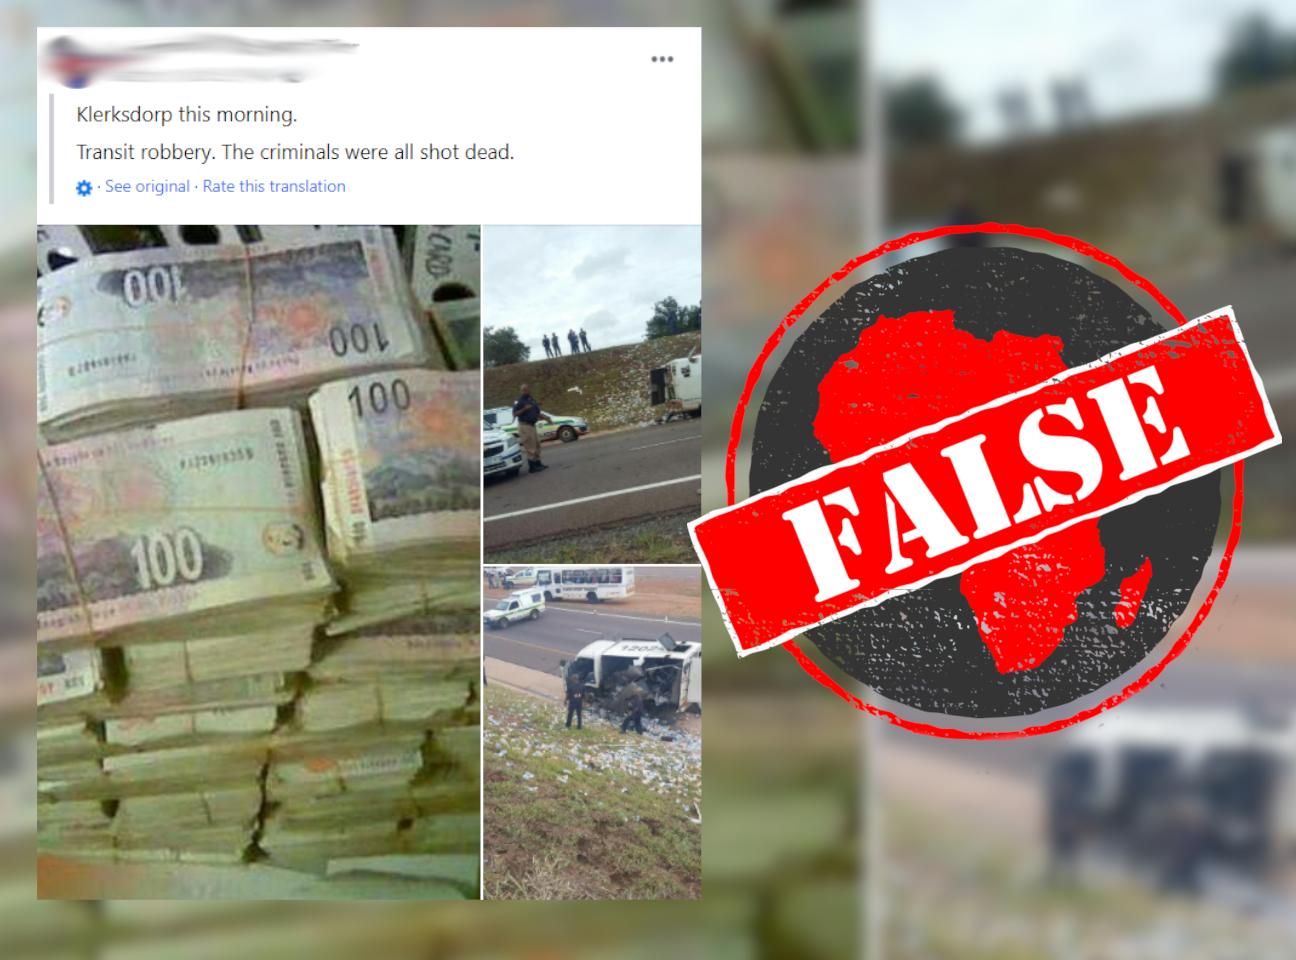 Robbery_False